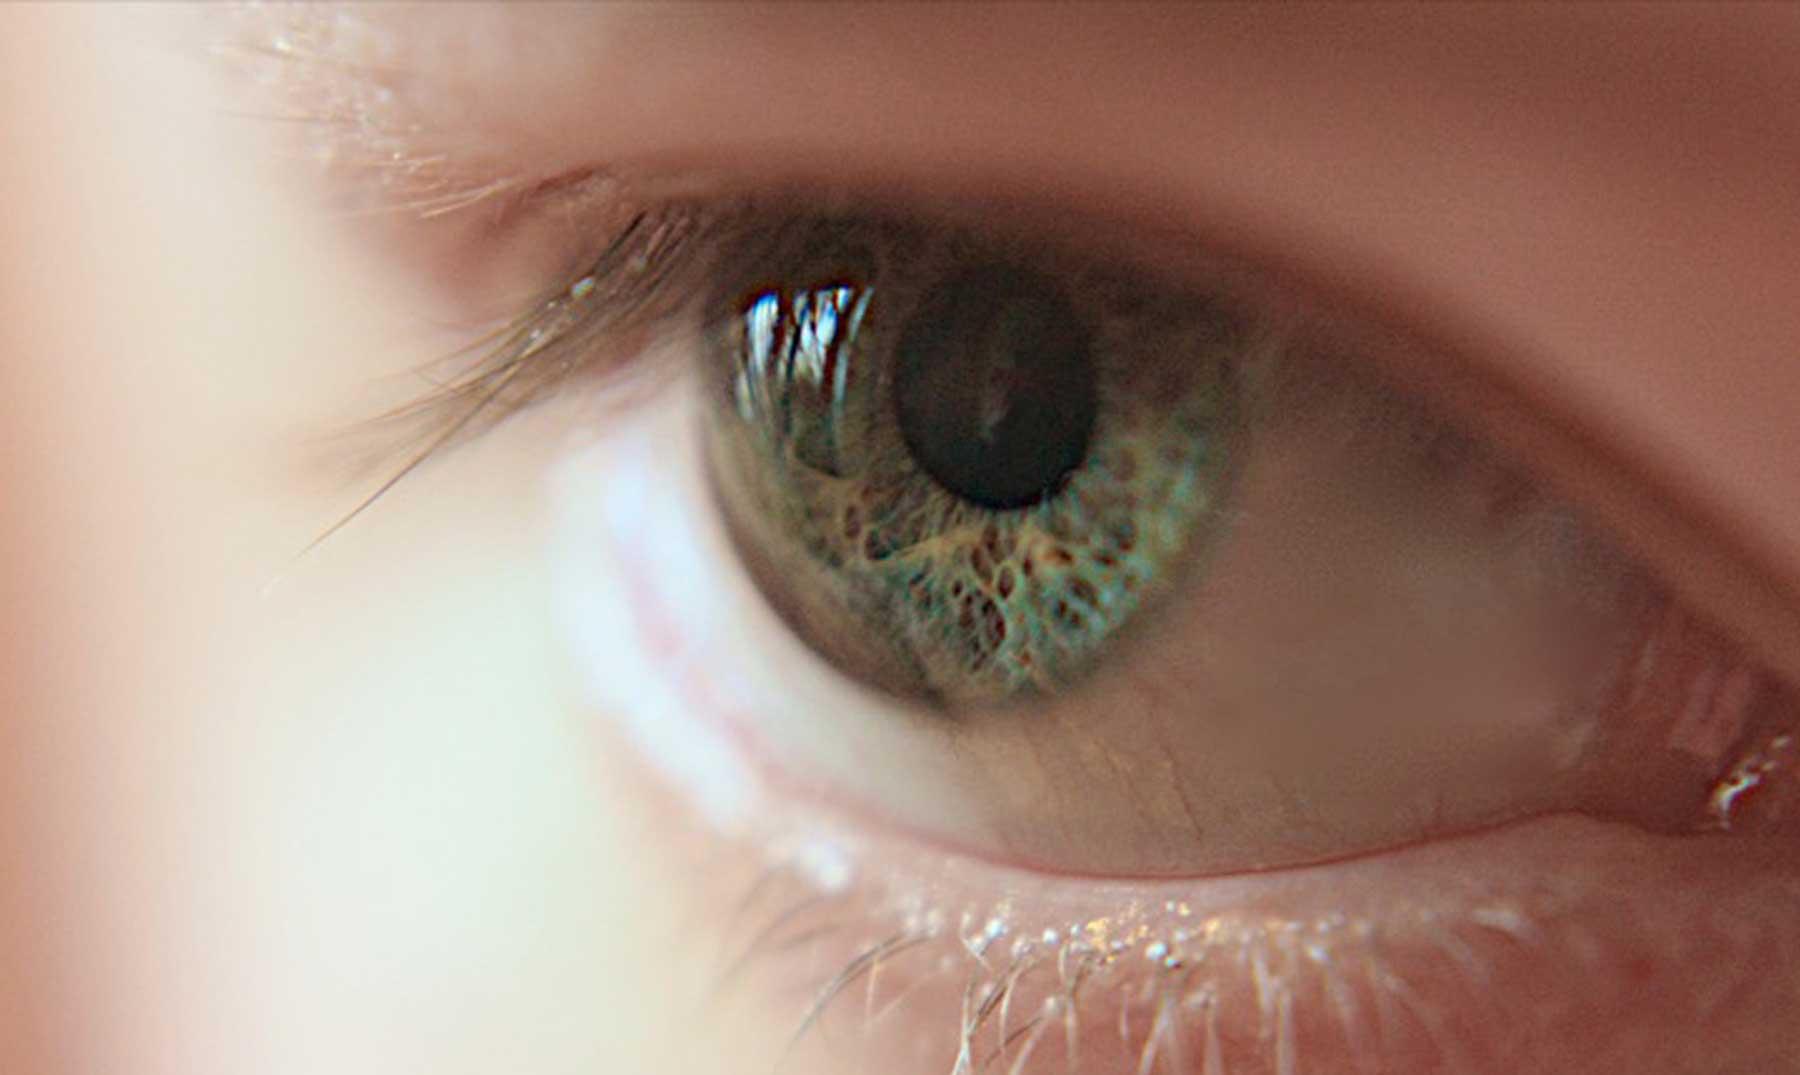 Colores de ojos: los 5 más sorprendentes y poco comunes